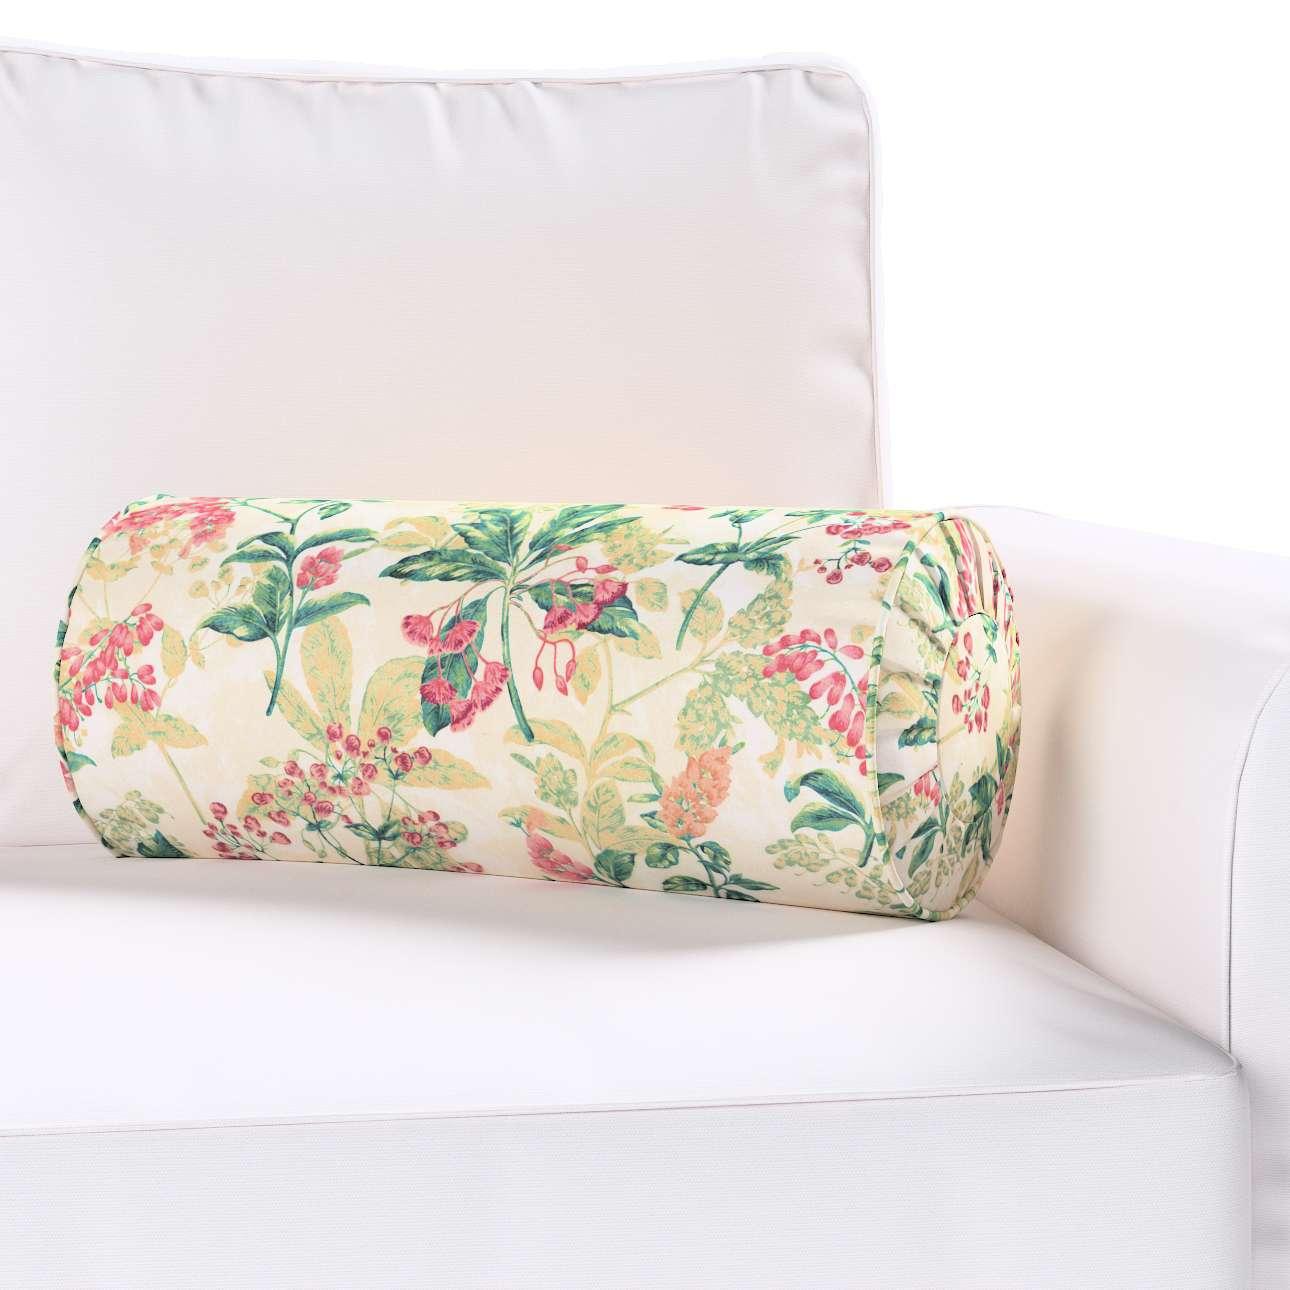 Poduszka wałek z zakładkami w kolekcji Londres, tkanina: 143-41